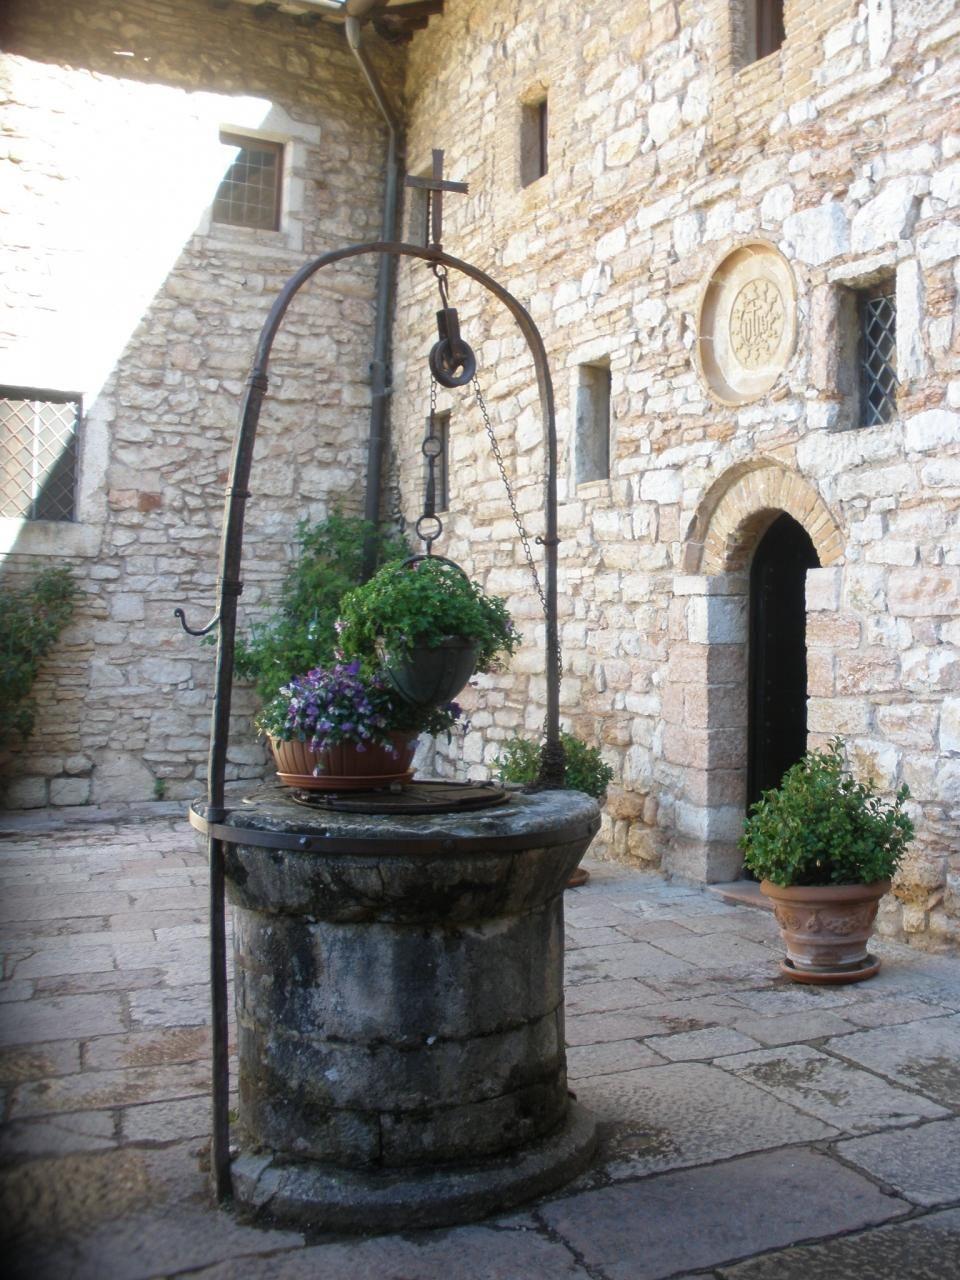 伝説の井戸は、石造りの建物に囲まれて